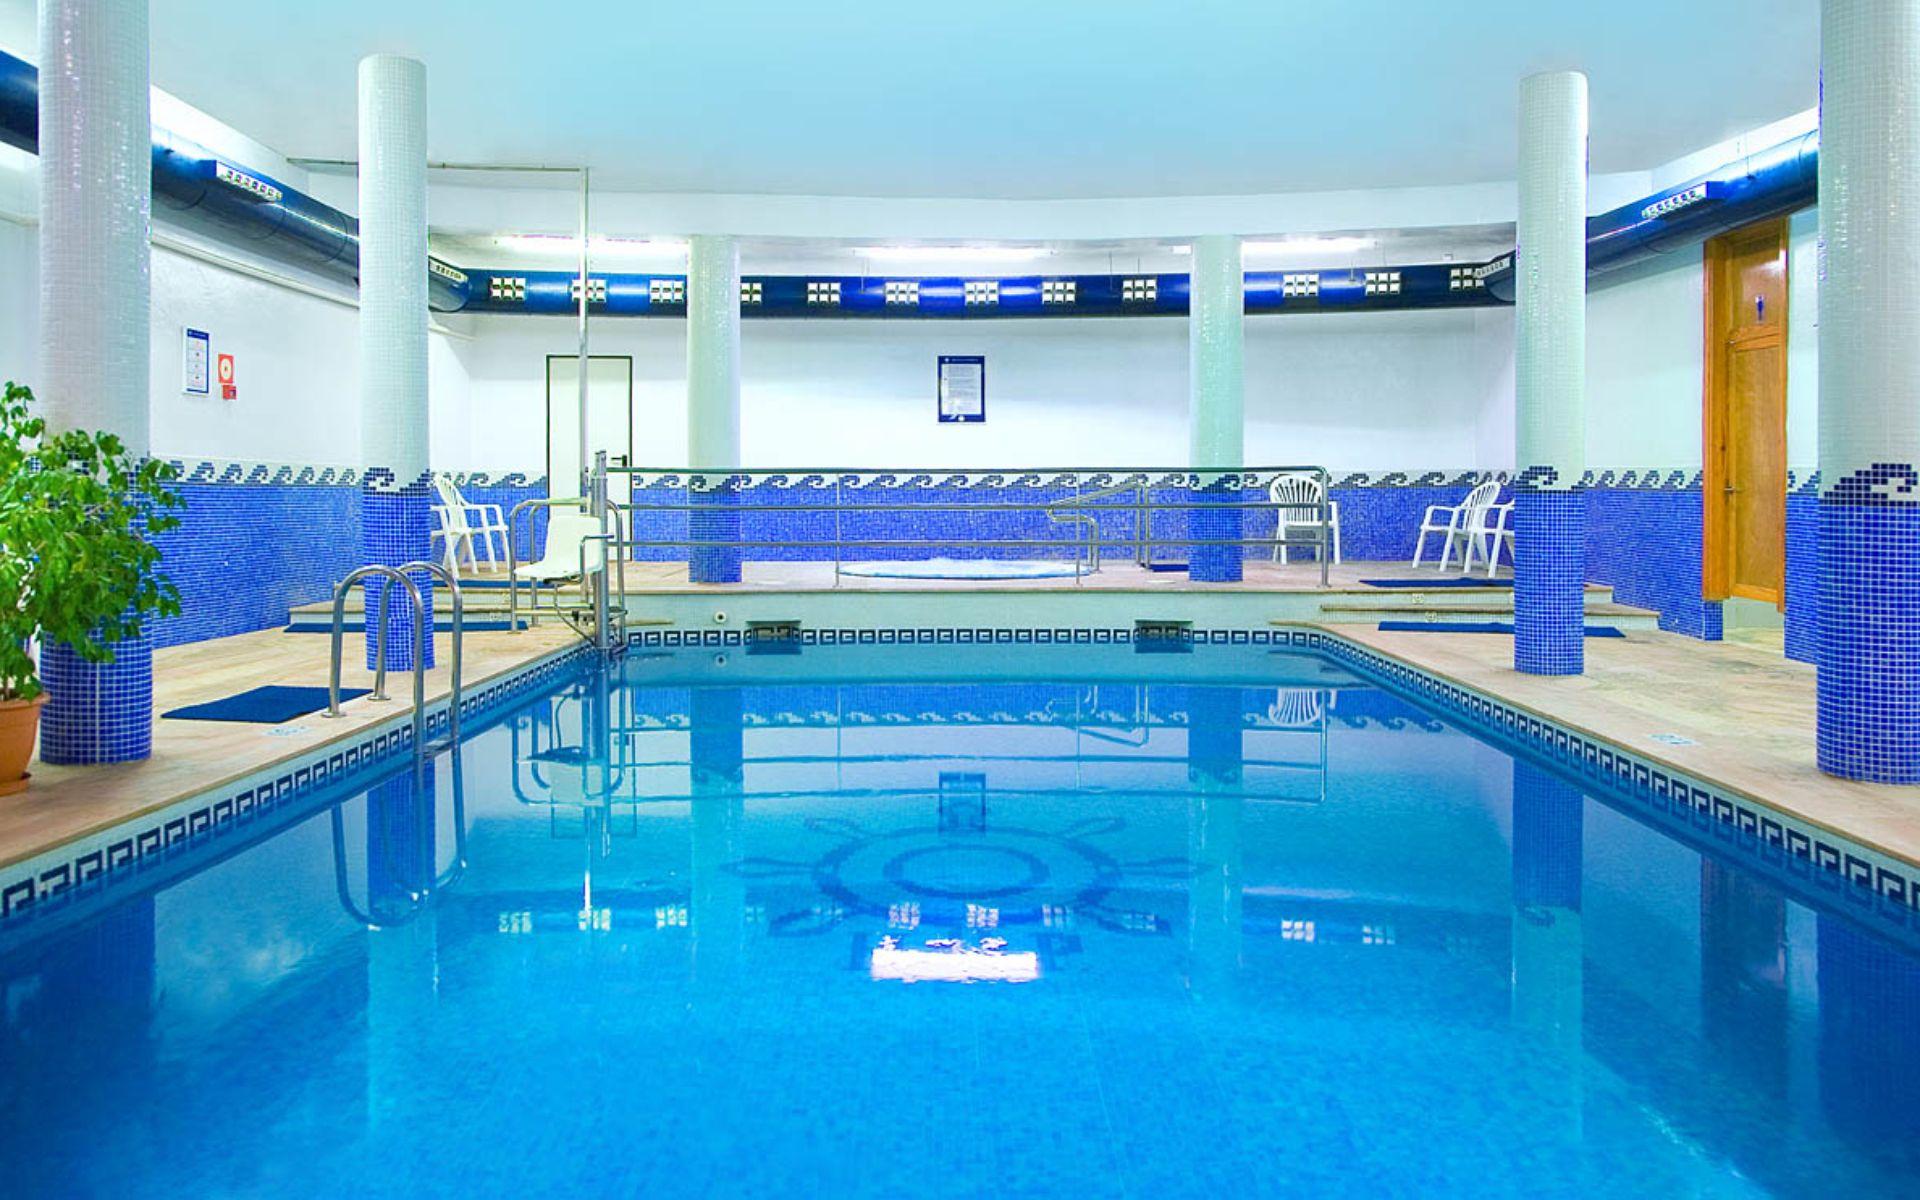 Hotel poseidon resort en benidorm costa blanca desde 35 for Piscina climatizada benidorm